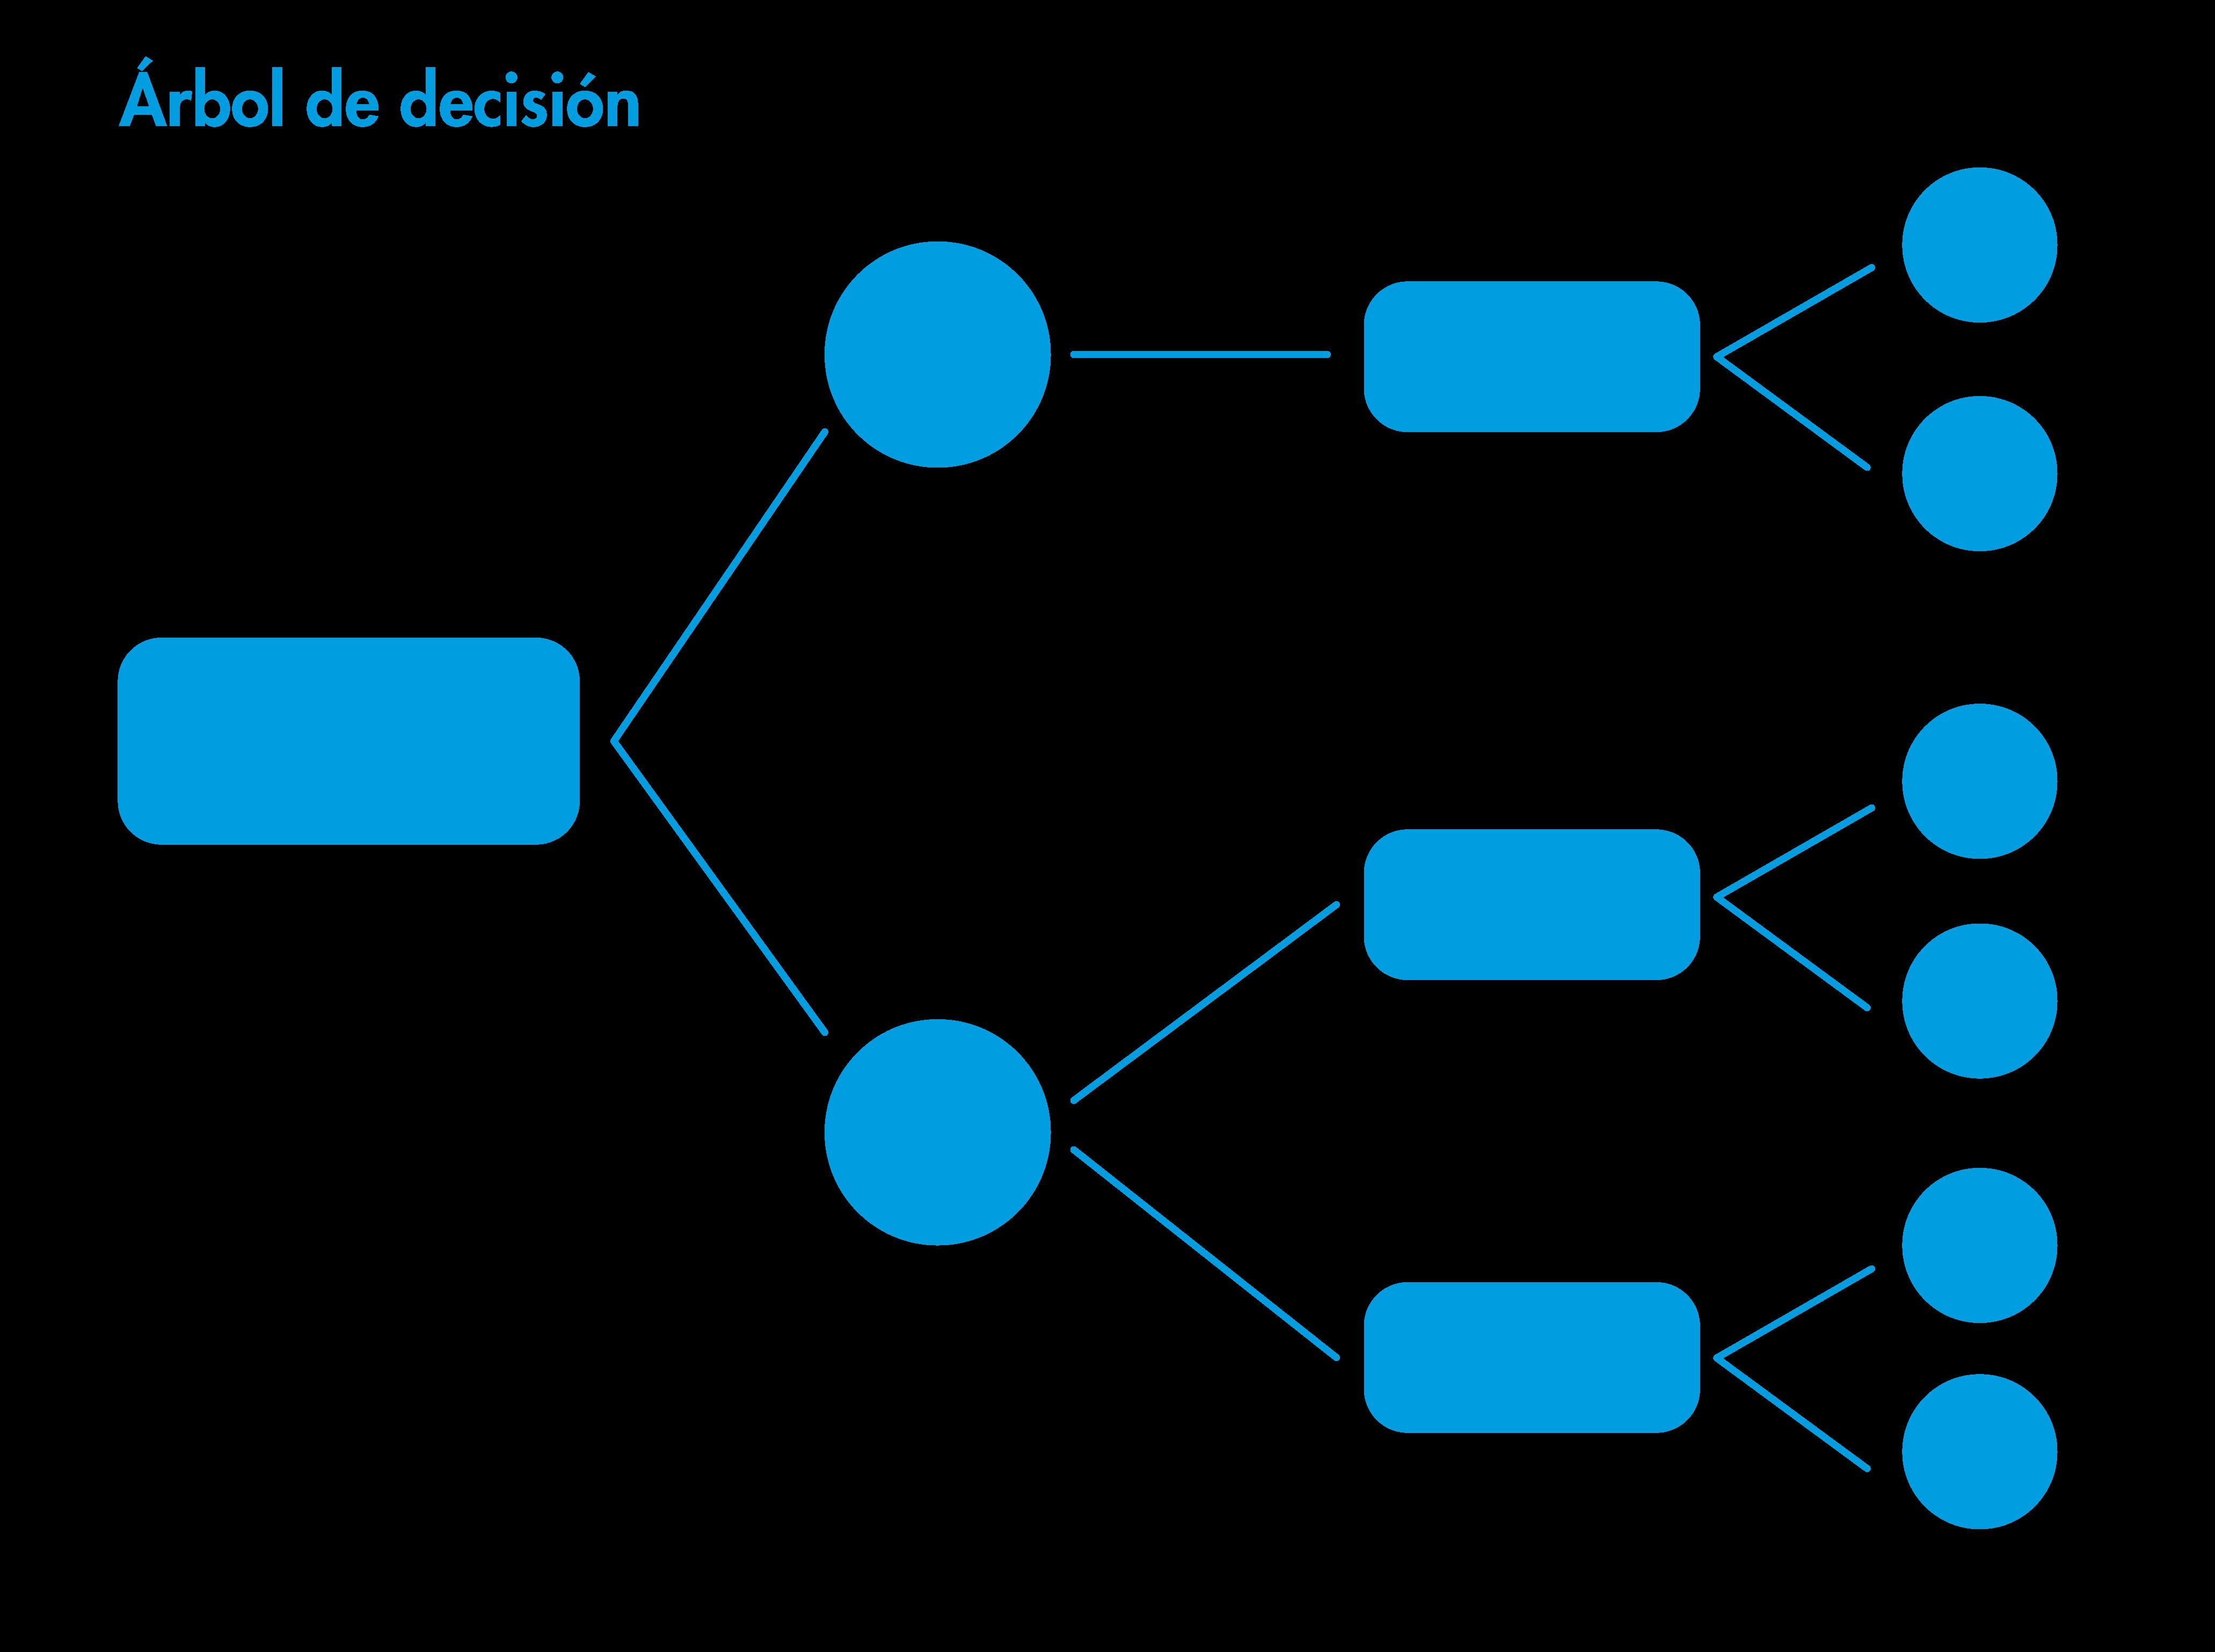 Árbol de decisión ilustración